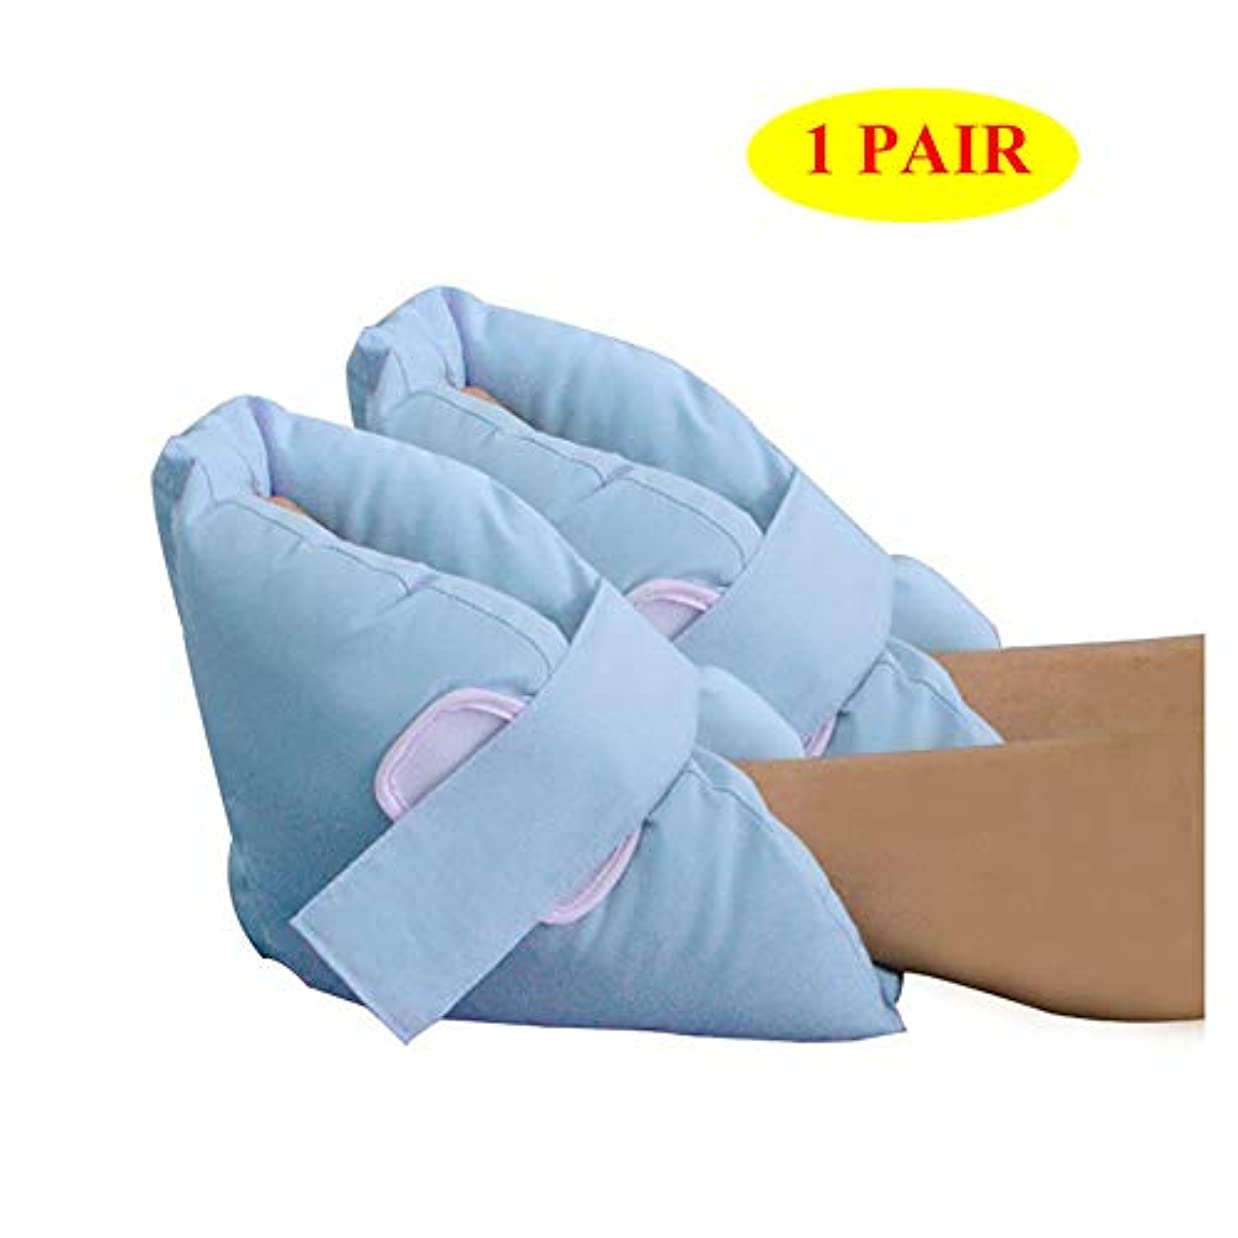 偶然の移動する予約ヒールクッションプロテクター1ペア - 足と足首の枕 - 保護パッドガード - 足の保護、肘、かかと - ベッド&褥瘡